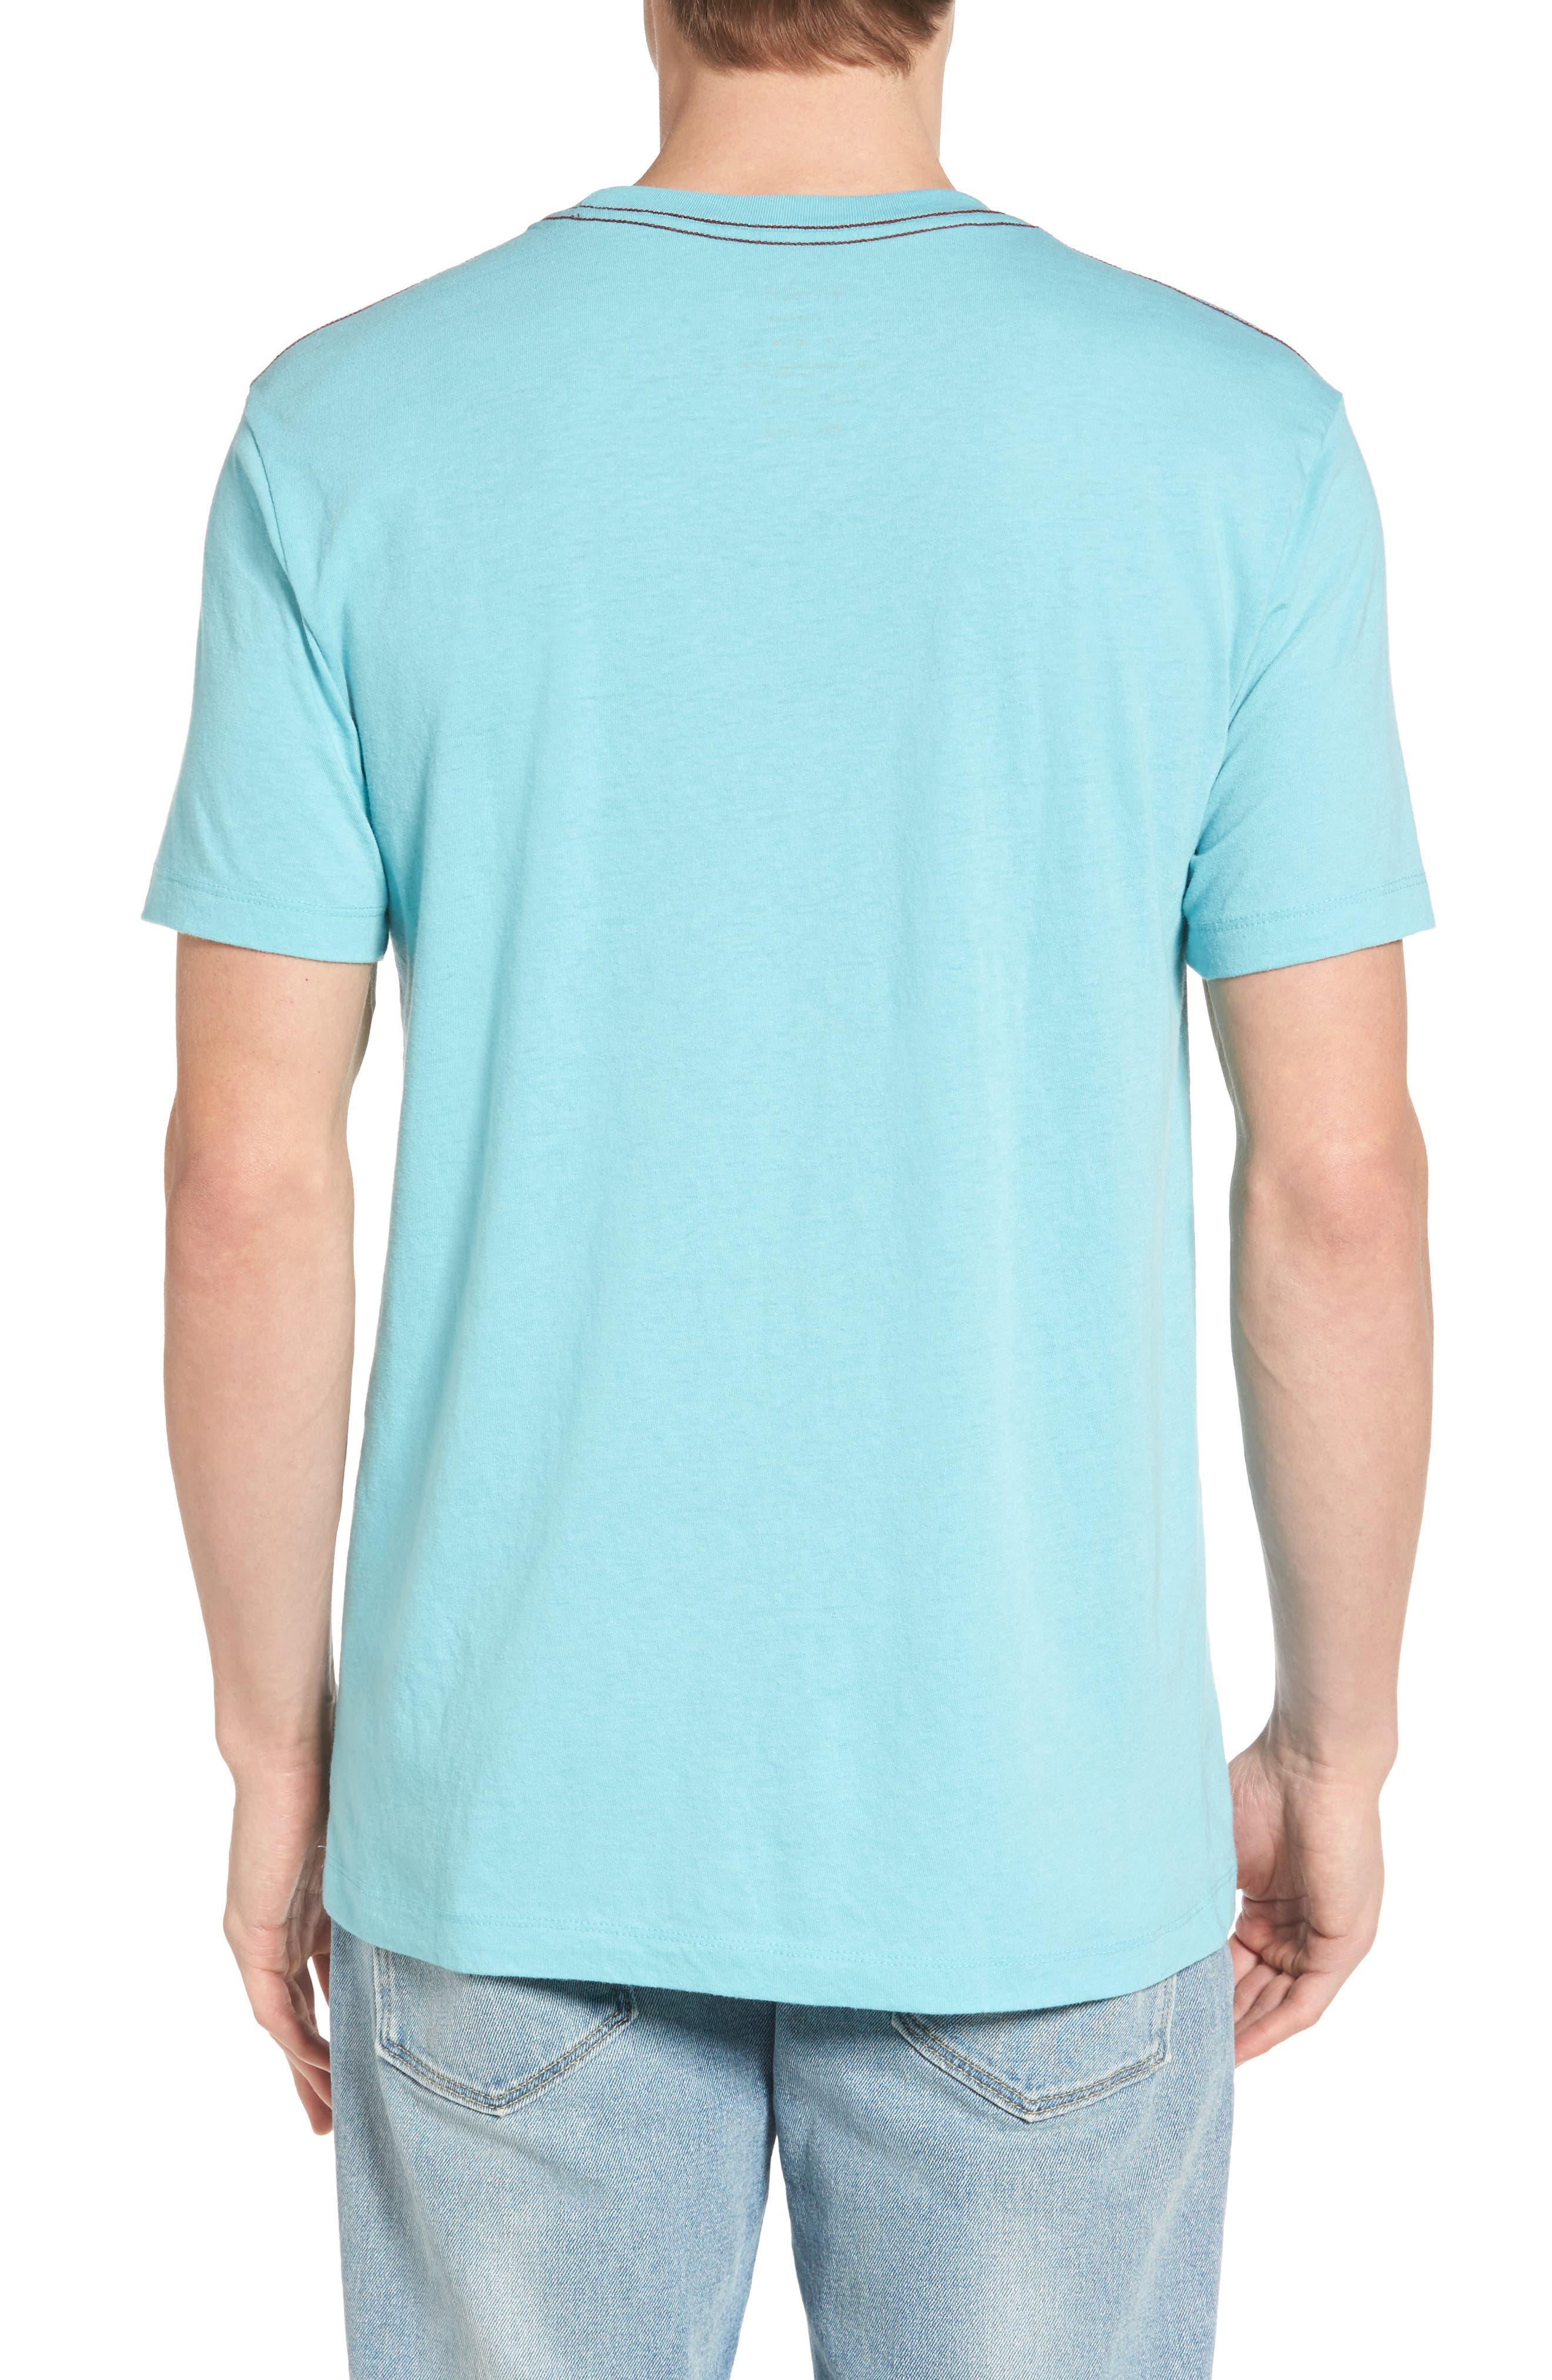 Alternate Image 2  - RVCA Small RVCA Chest Graphic T-Shirt